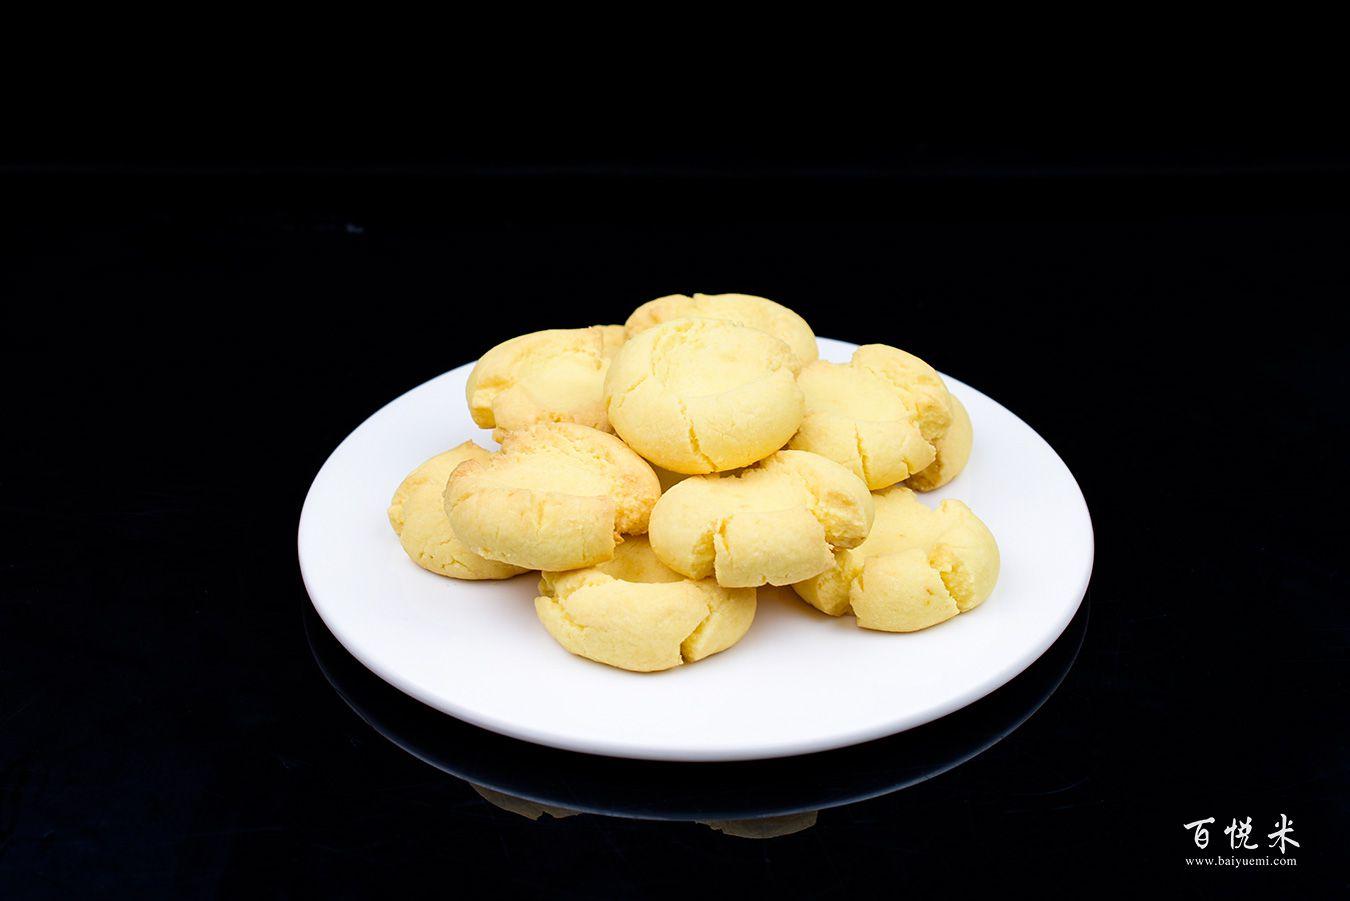 玛格丽特饼干高清图片大全【蛋糕图片】_407